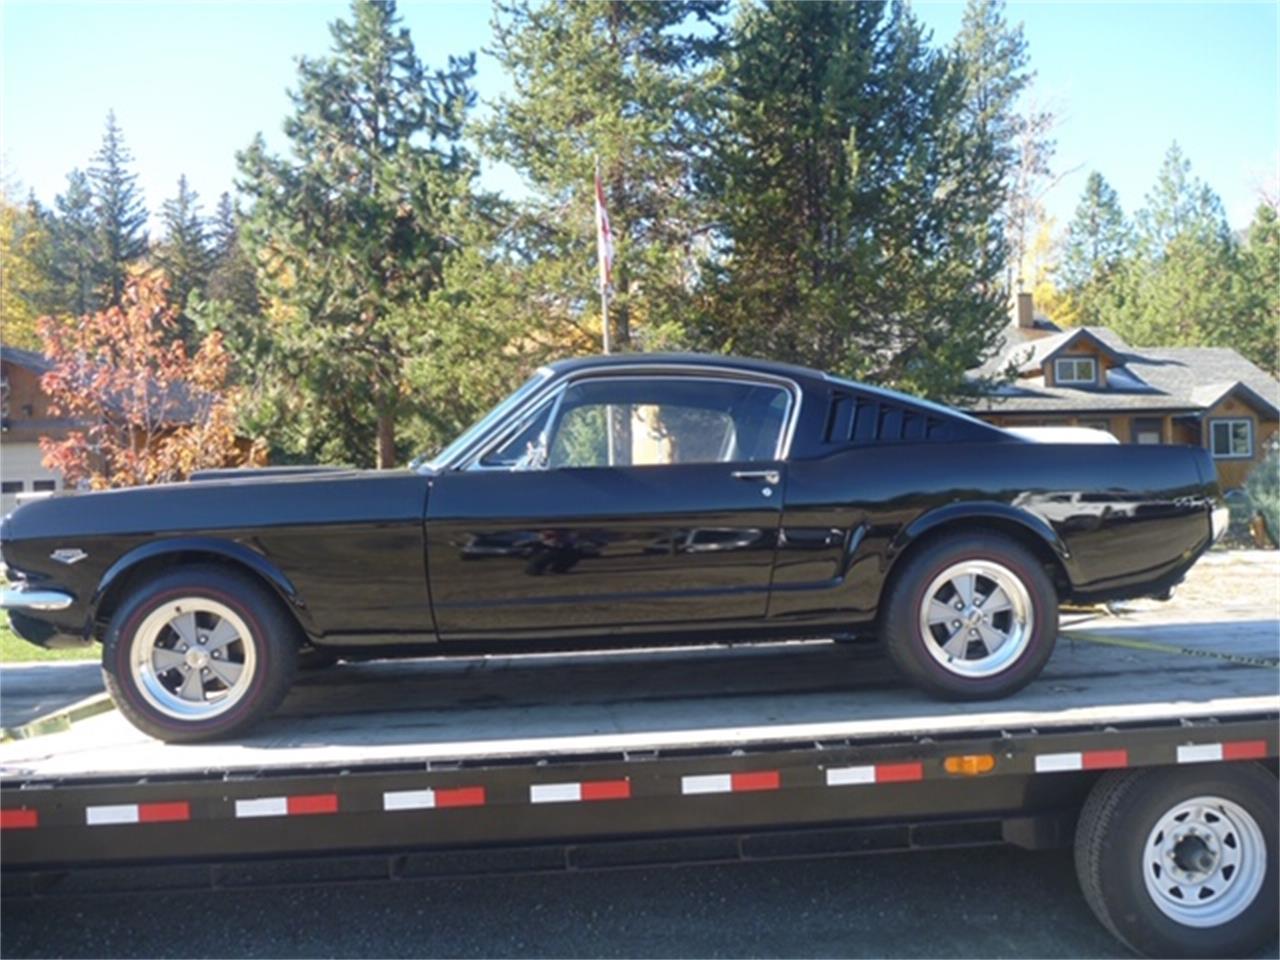 1966 Ford Mustang For Sale >> 1966 Ford Mustang For Sale Classiccars Com Cc 1180793